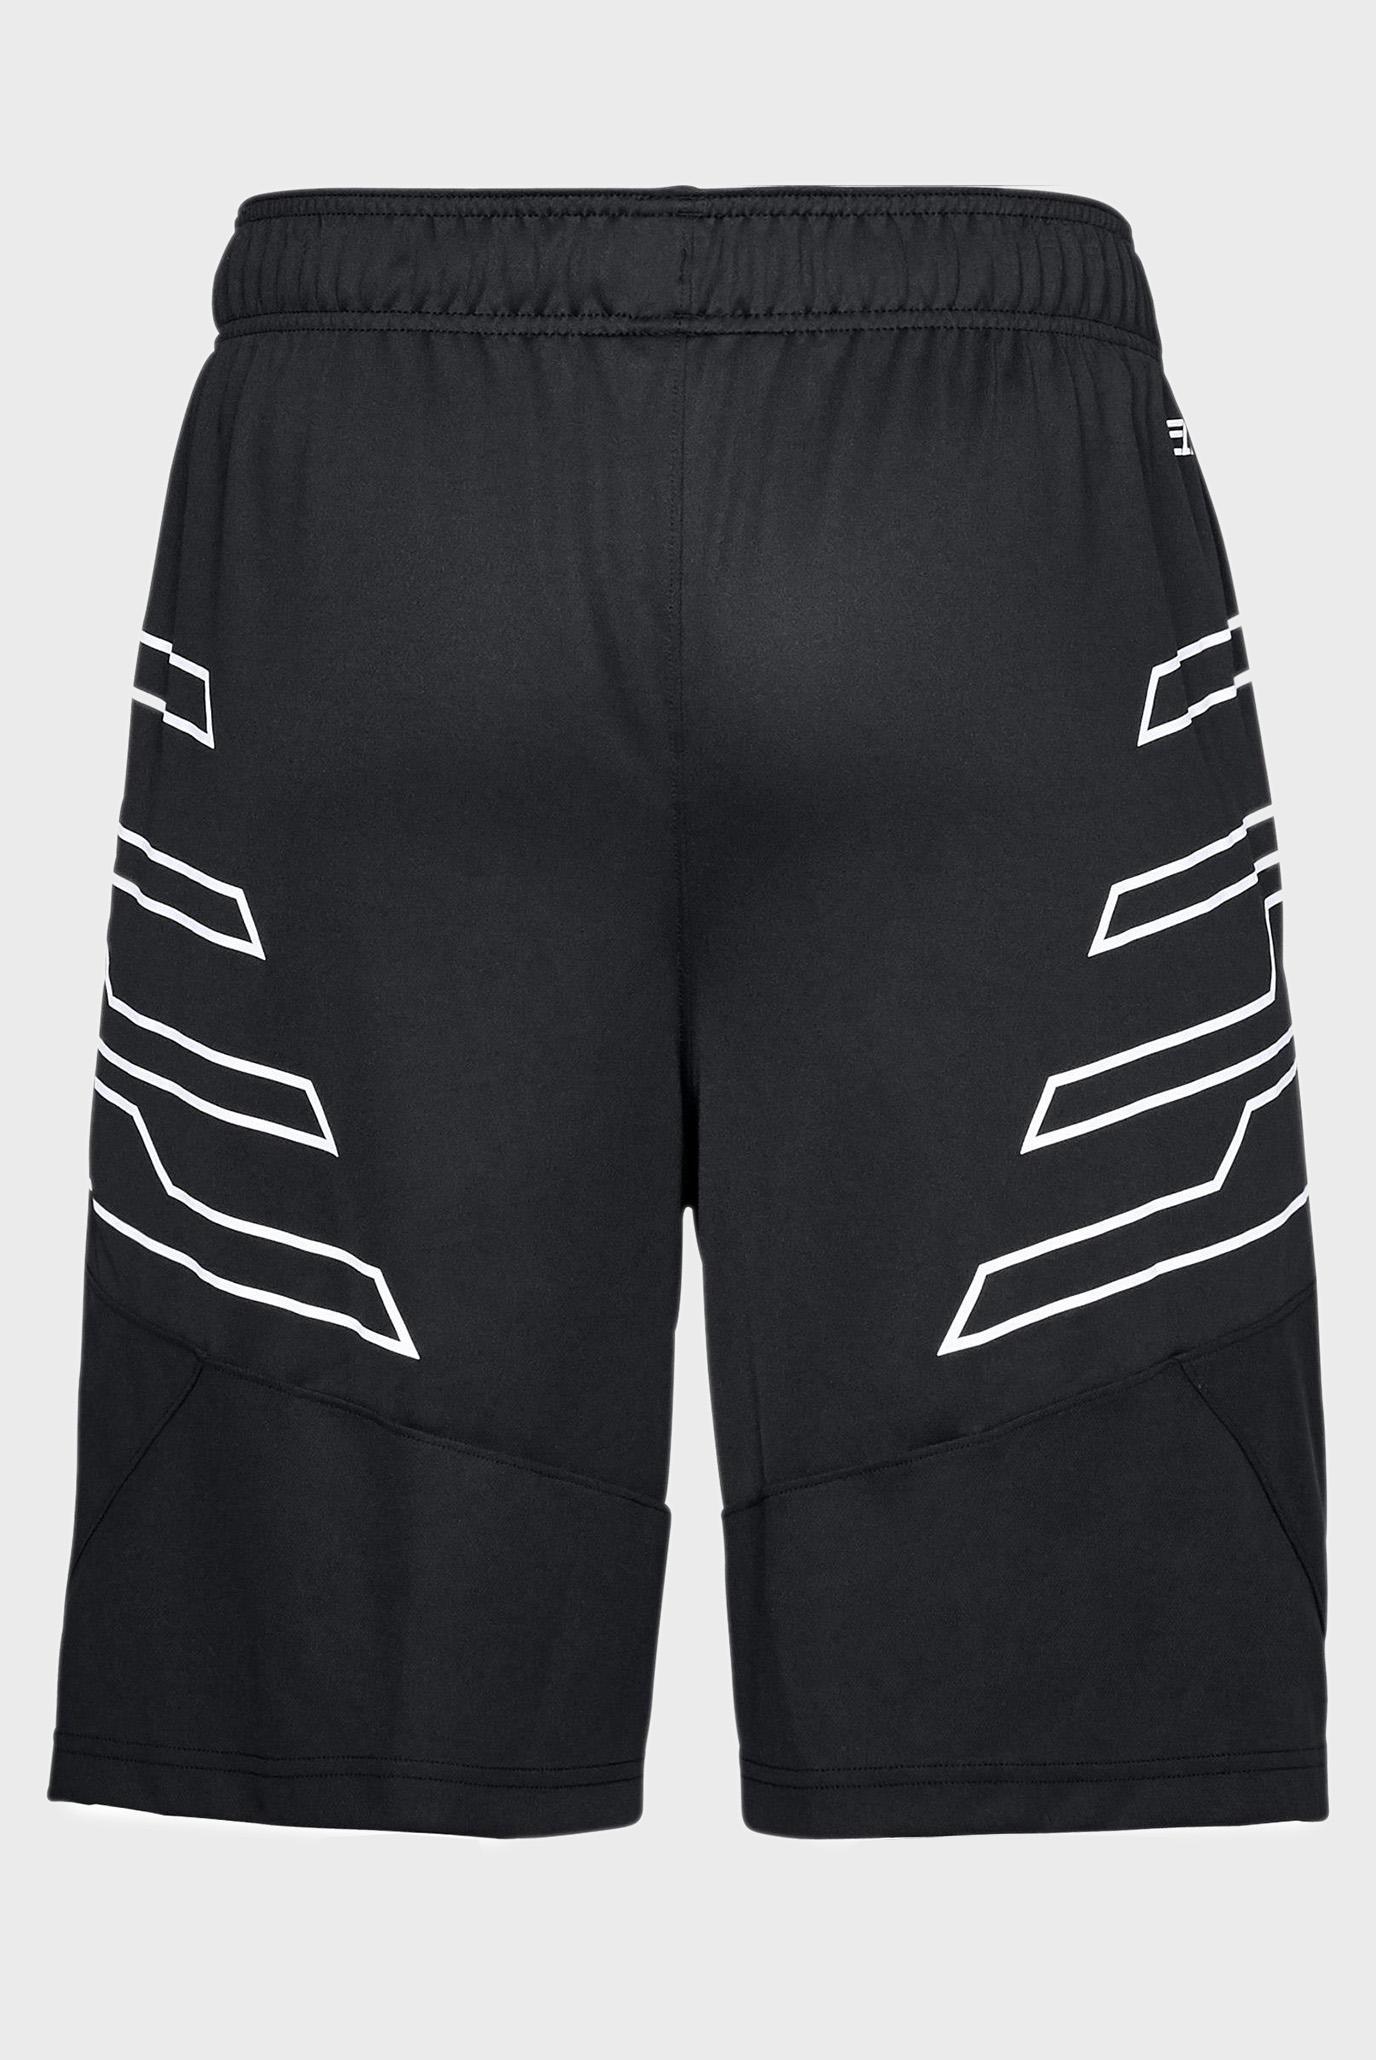 Купить Мужские черные шорты UA Select 9in Short Under Armour Under Armour 1305735-001 – Киев, Украина. Цены в интернет магазине MD Fashion